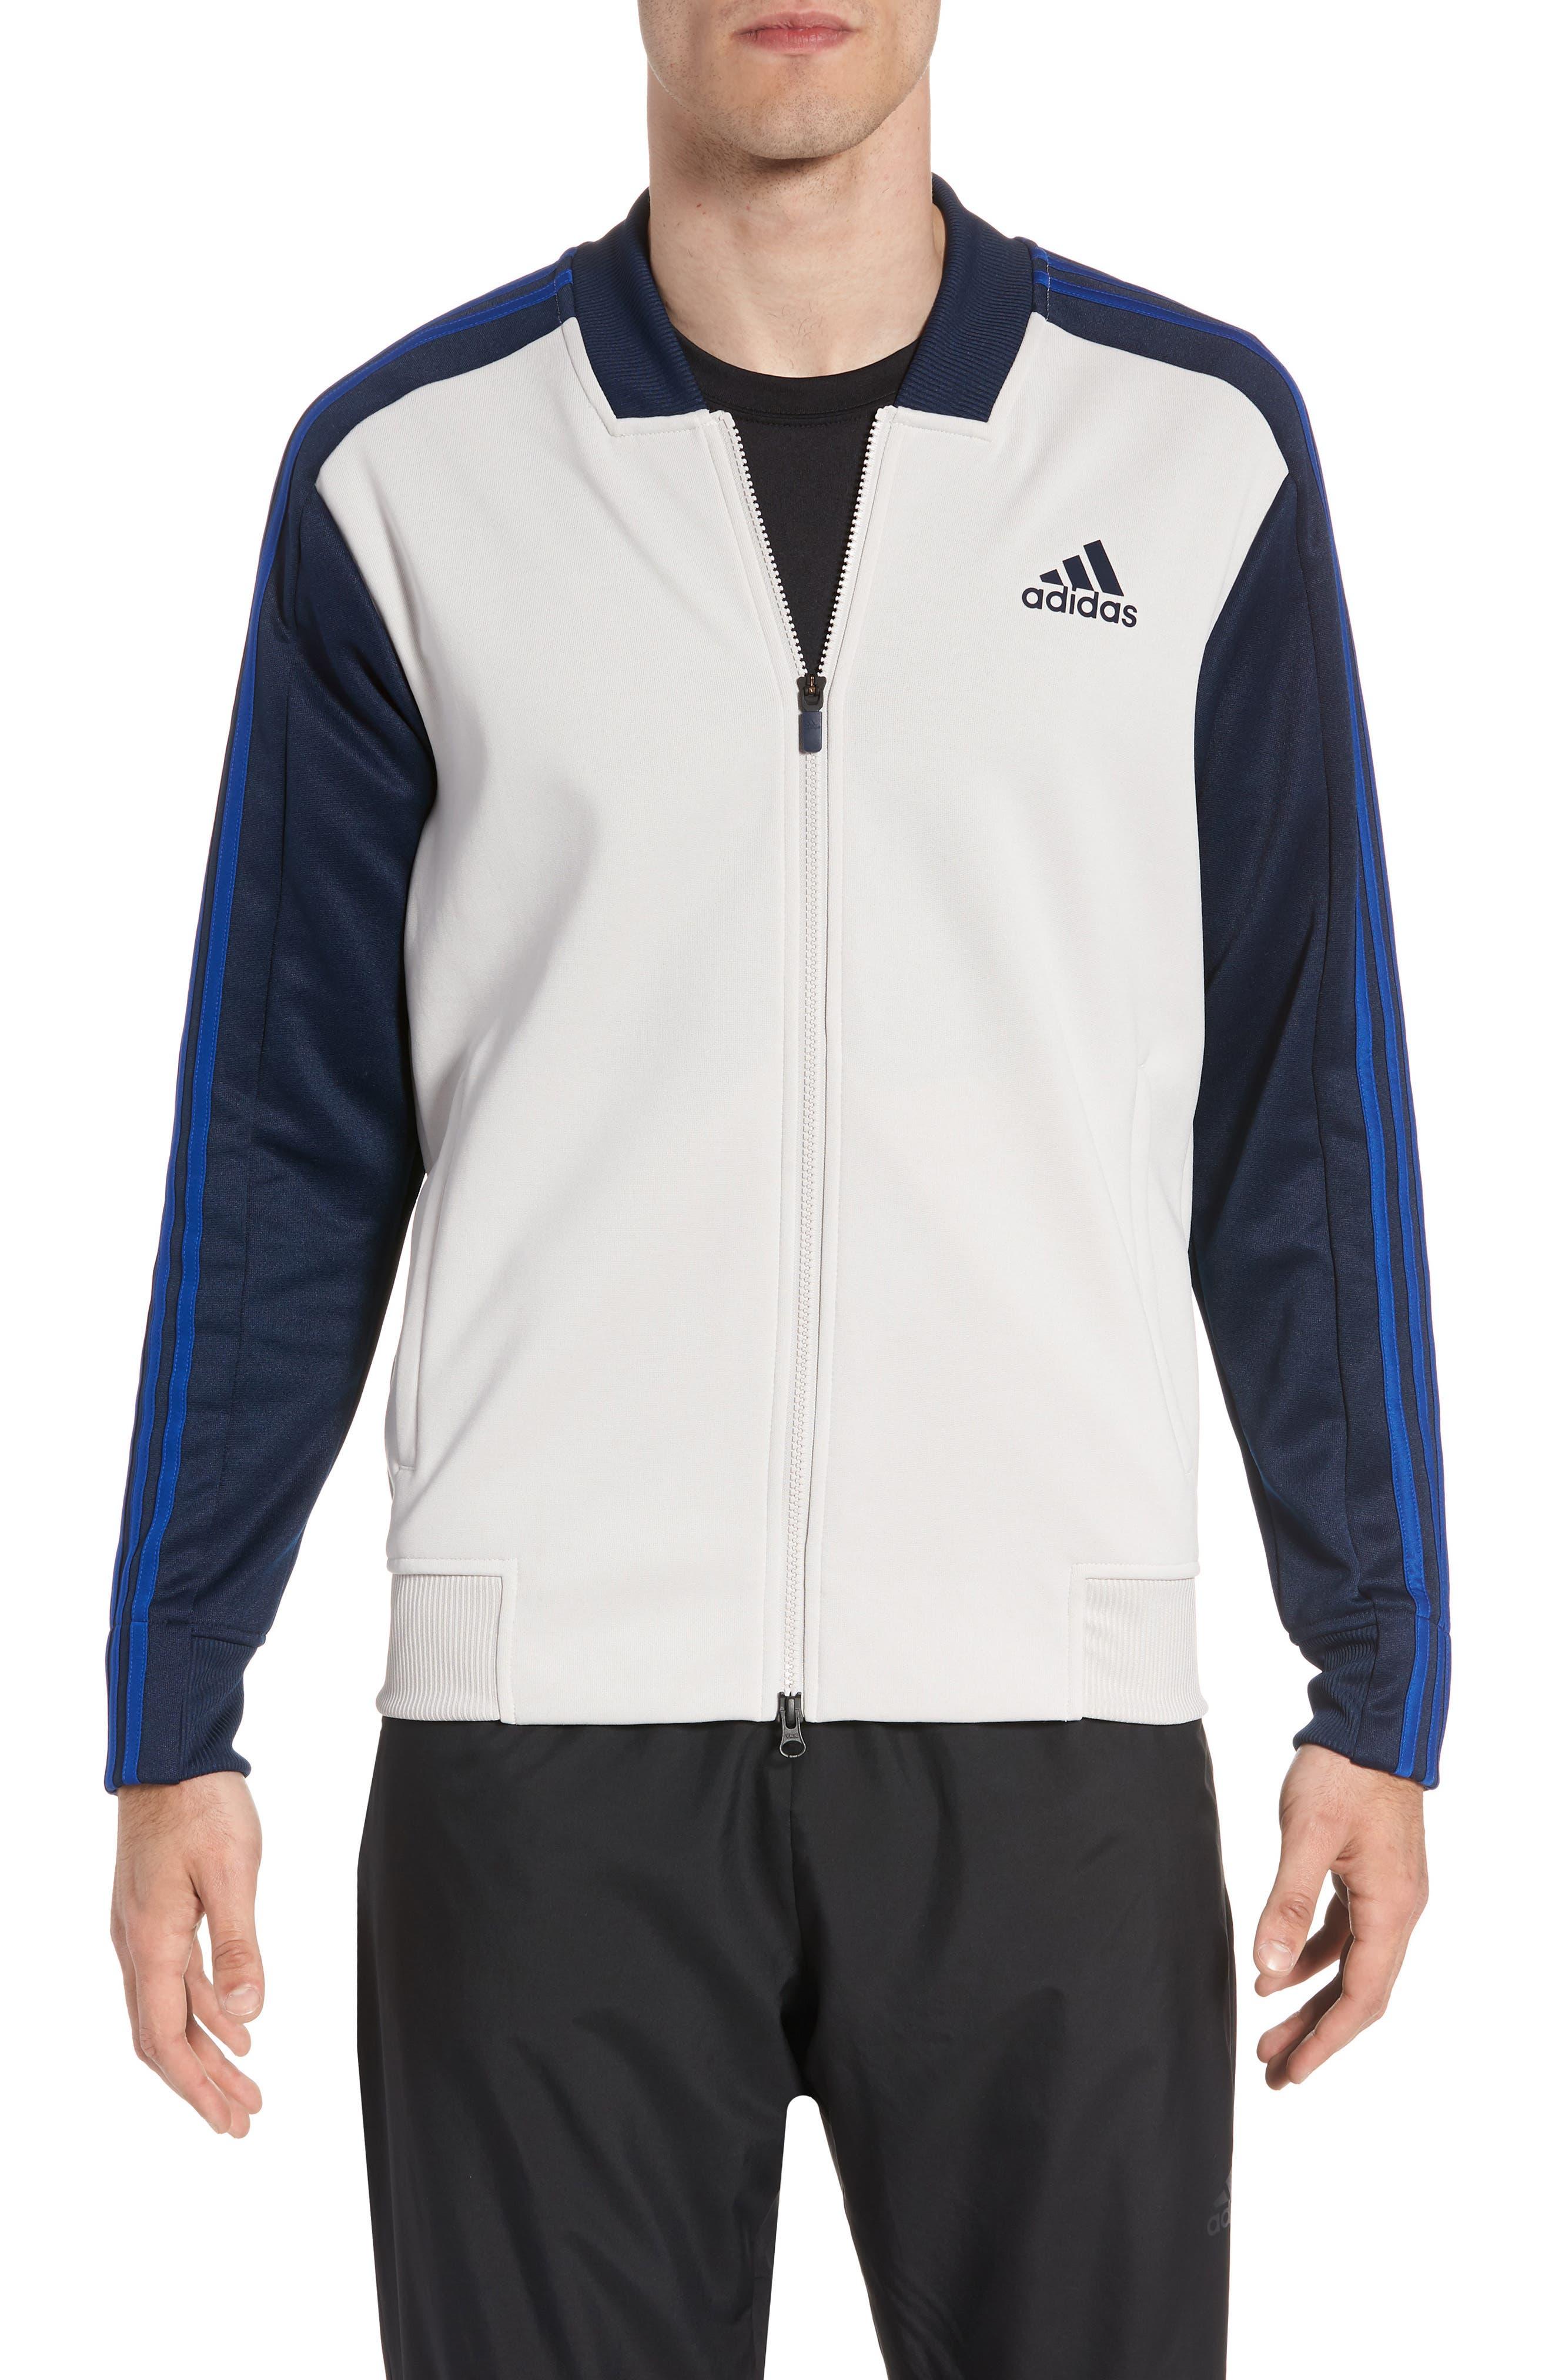 adidas ID Track Jacket